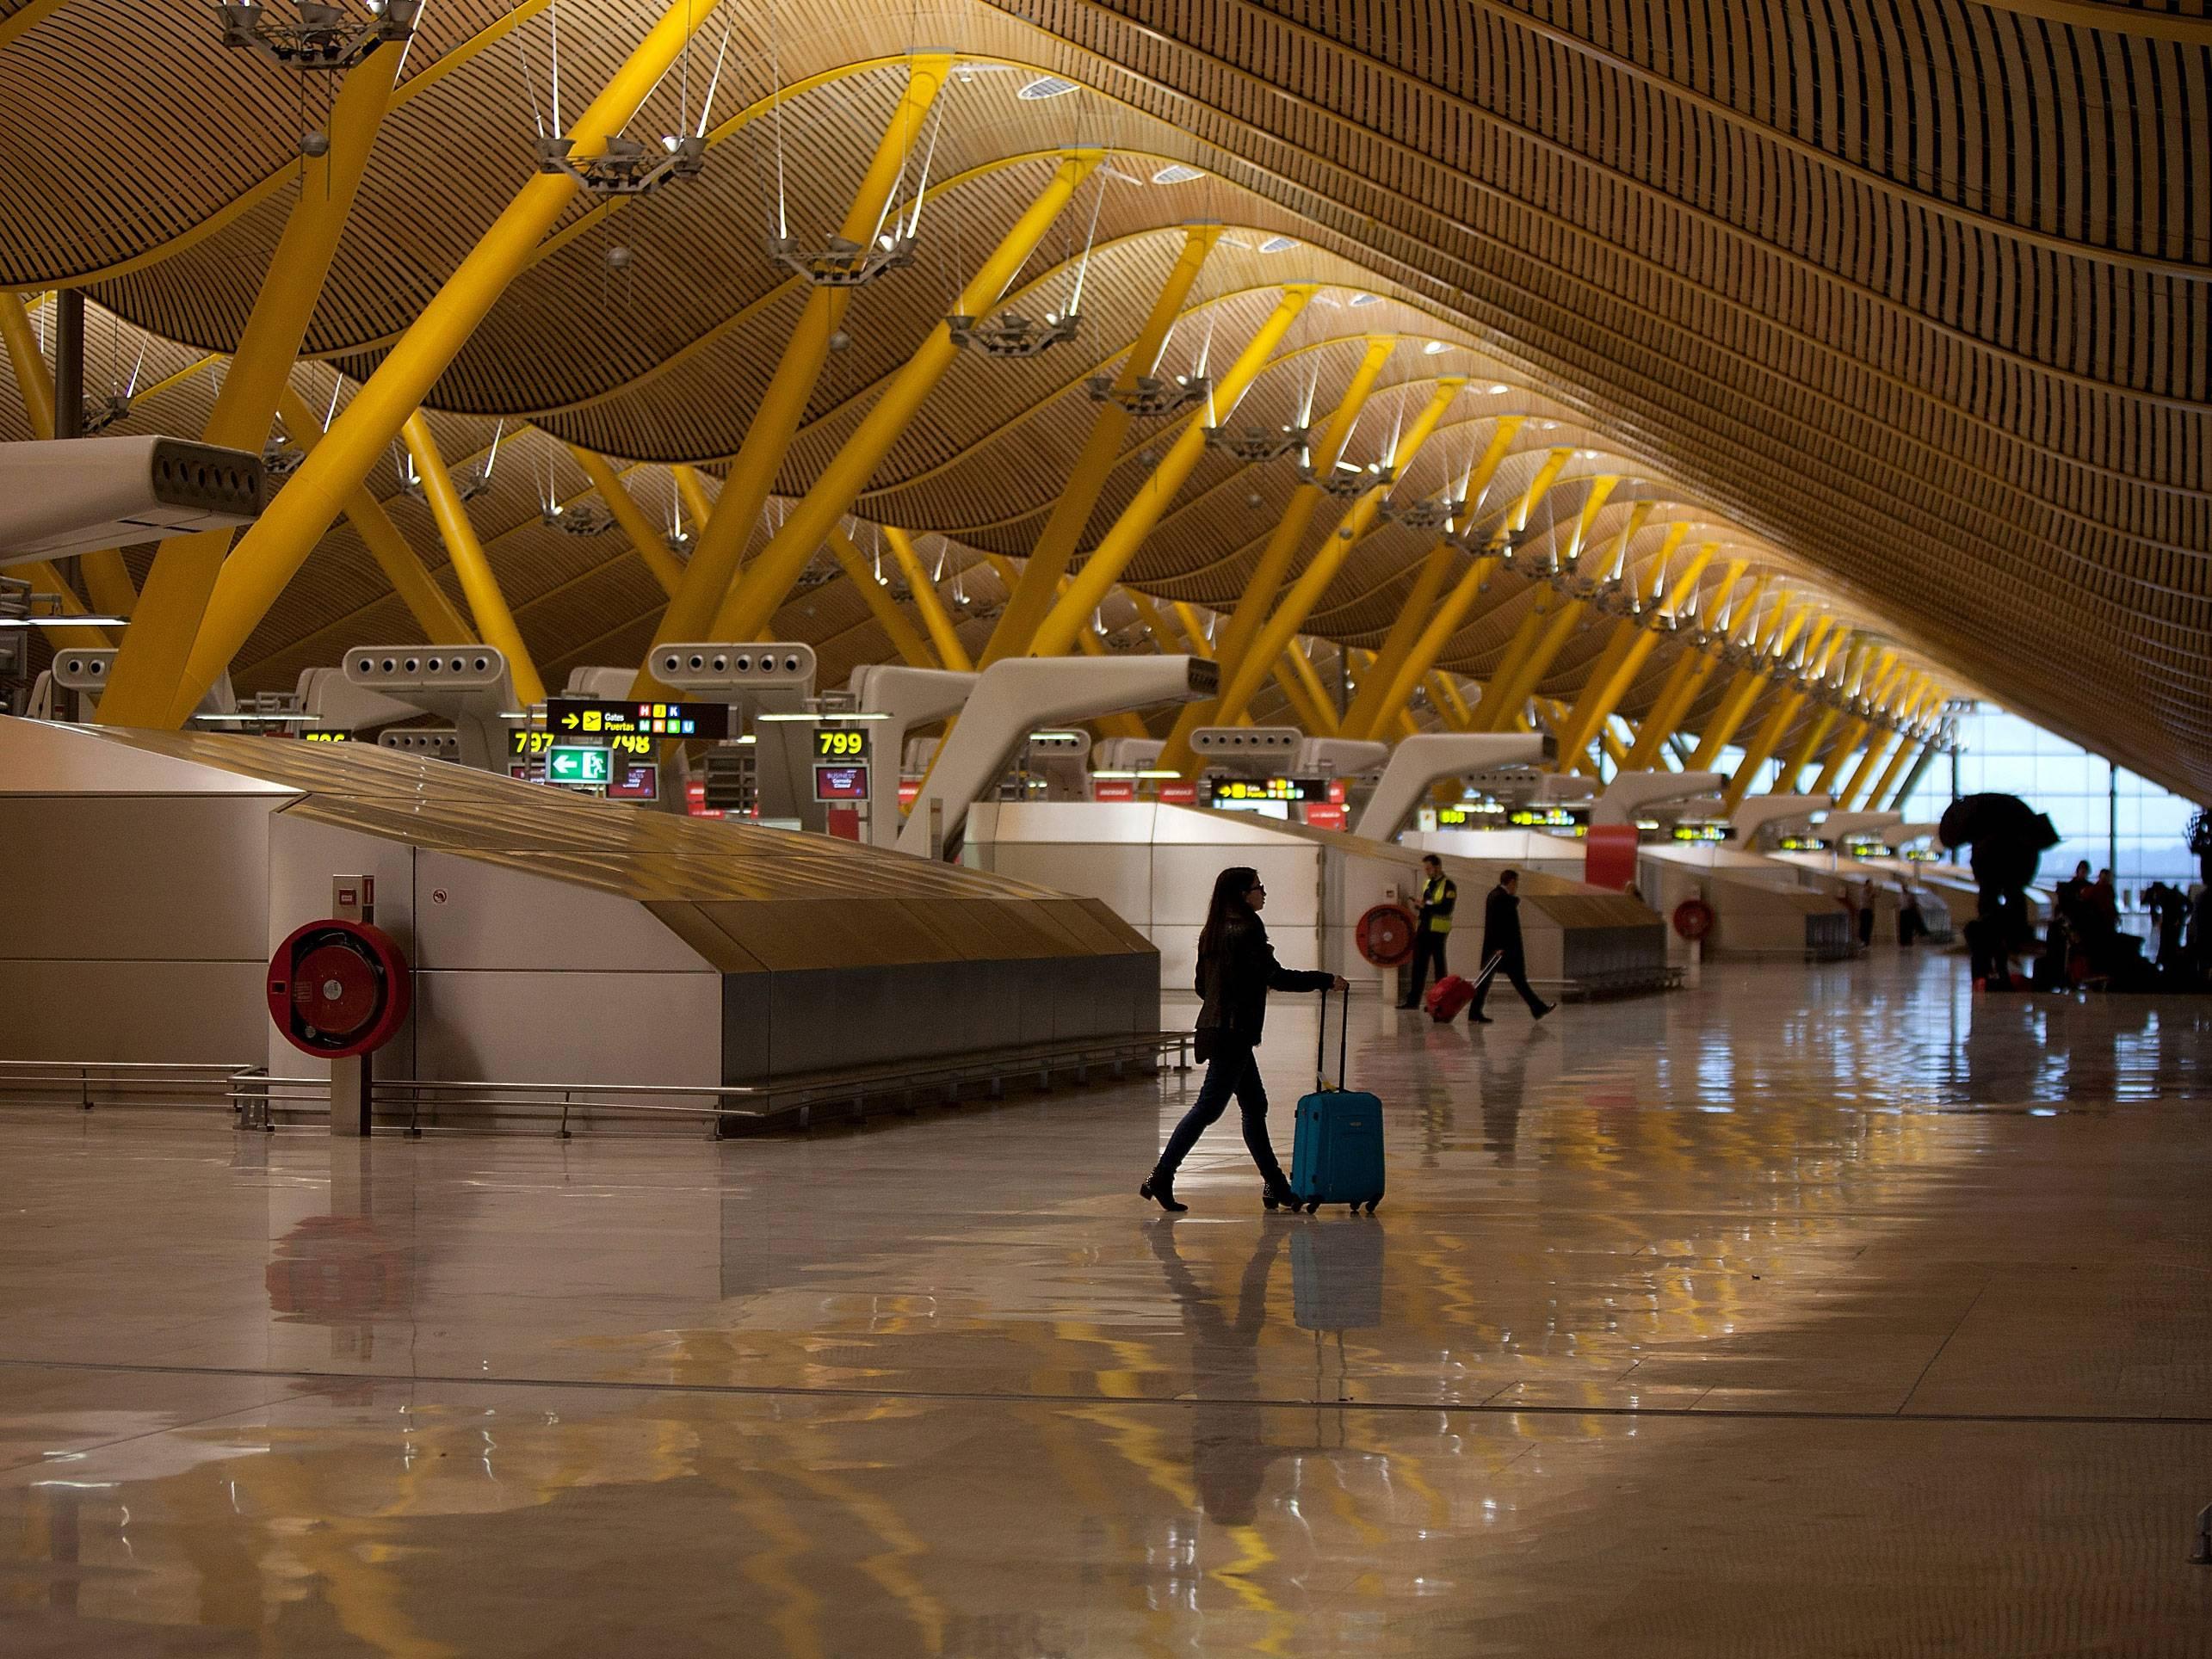 Аэропорт мадрида барахас: как добраться, инфраструктура — туристим